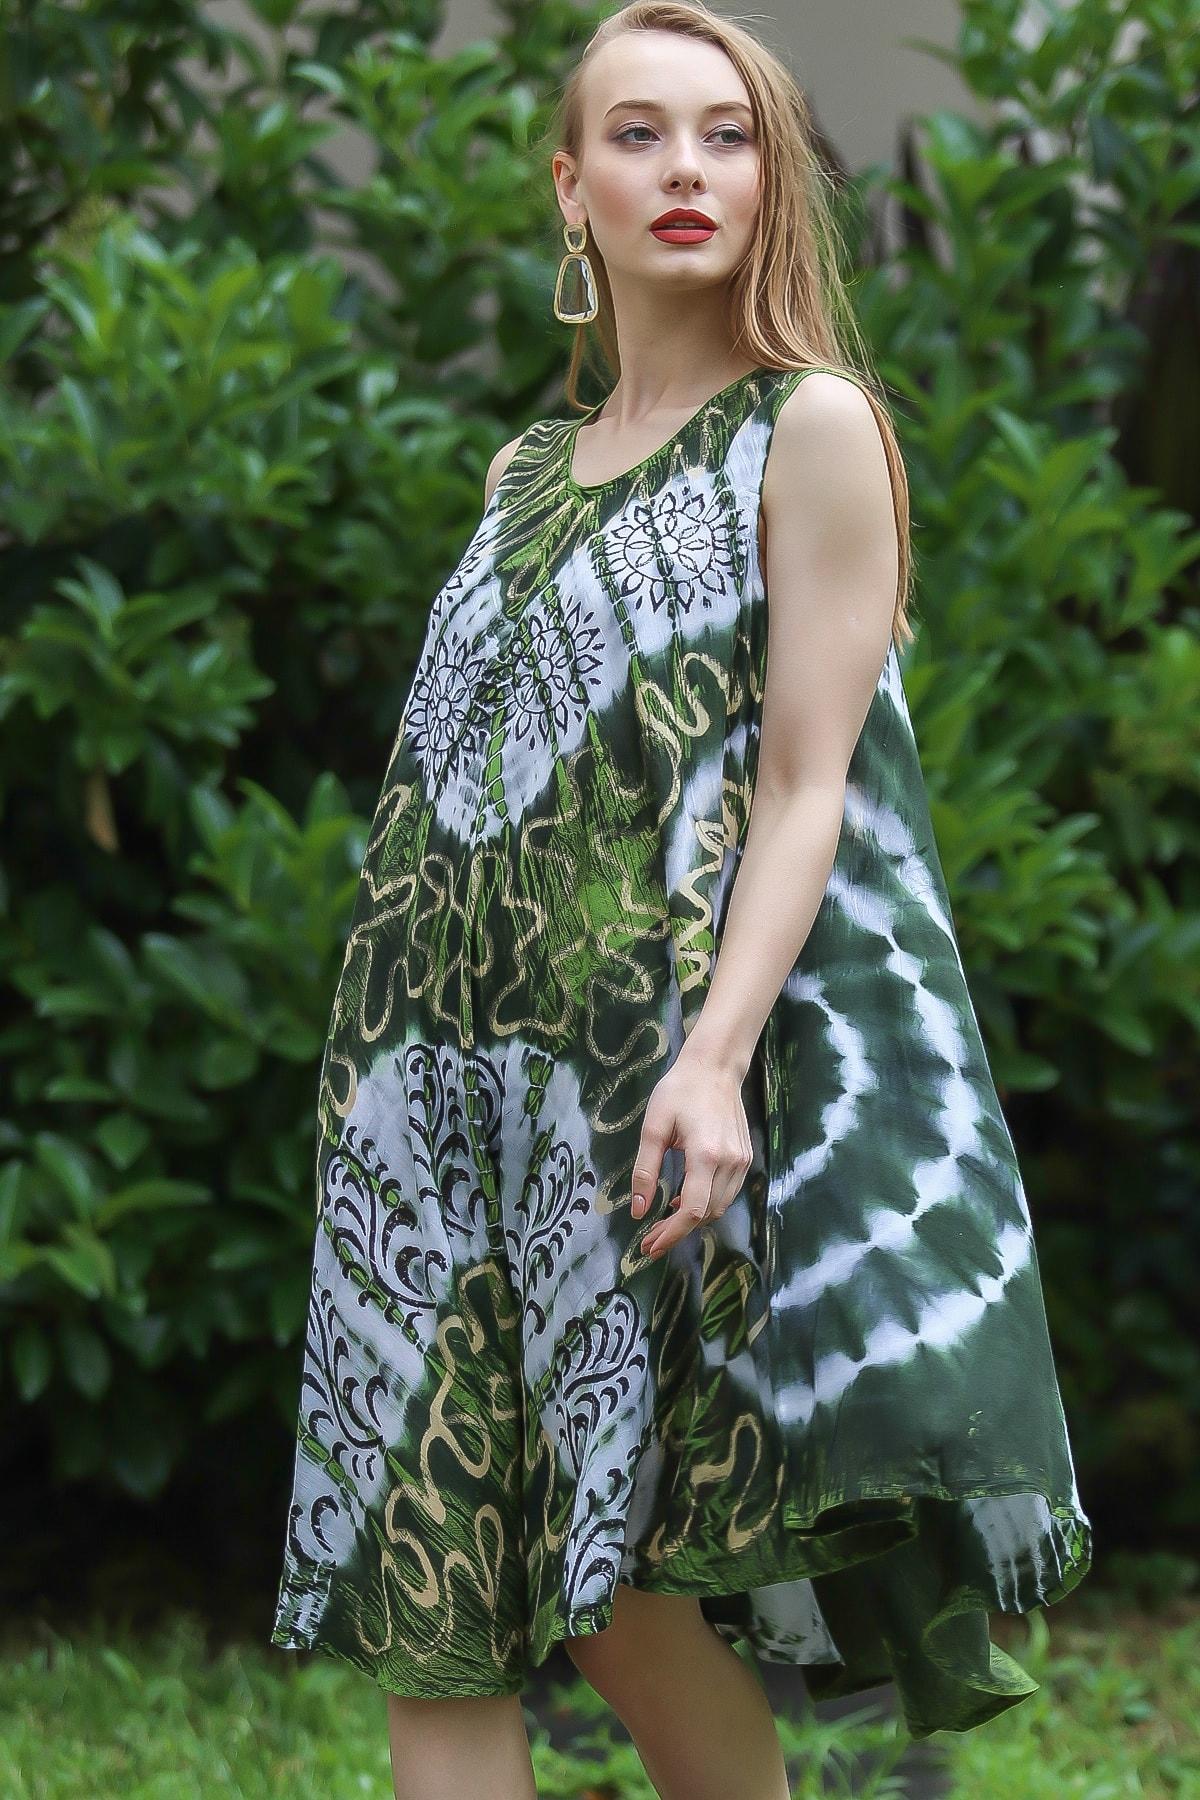 Chiccy Kadın Yeşil Bohem Batik Desenli Kolsuz Kloş Elbise M10160000EL96673 1